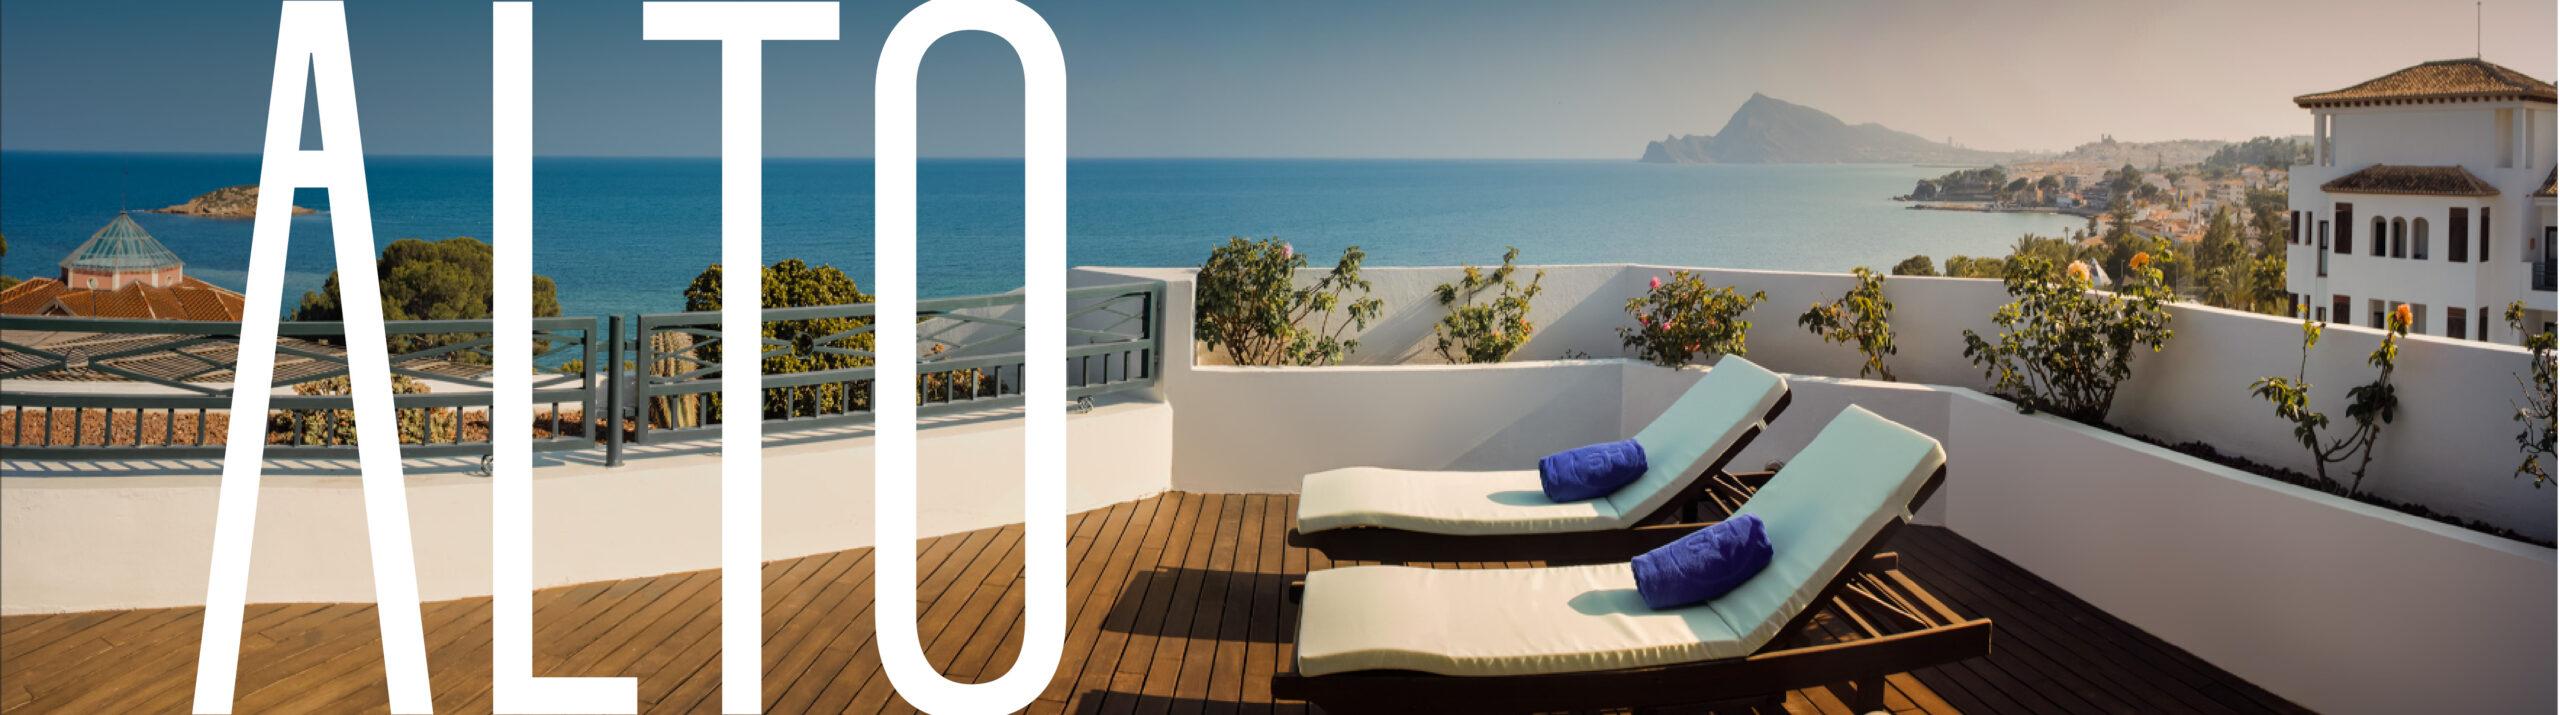 hoteles exclusivos y de lujo en valencia